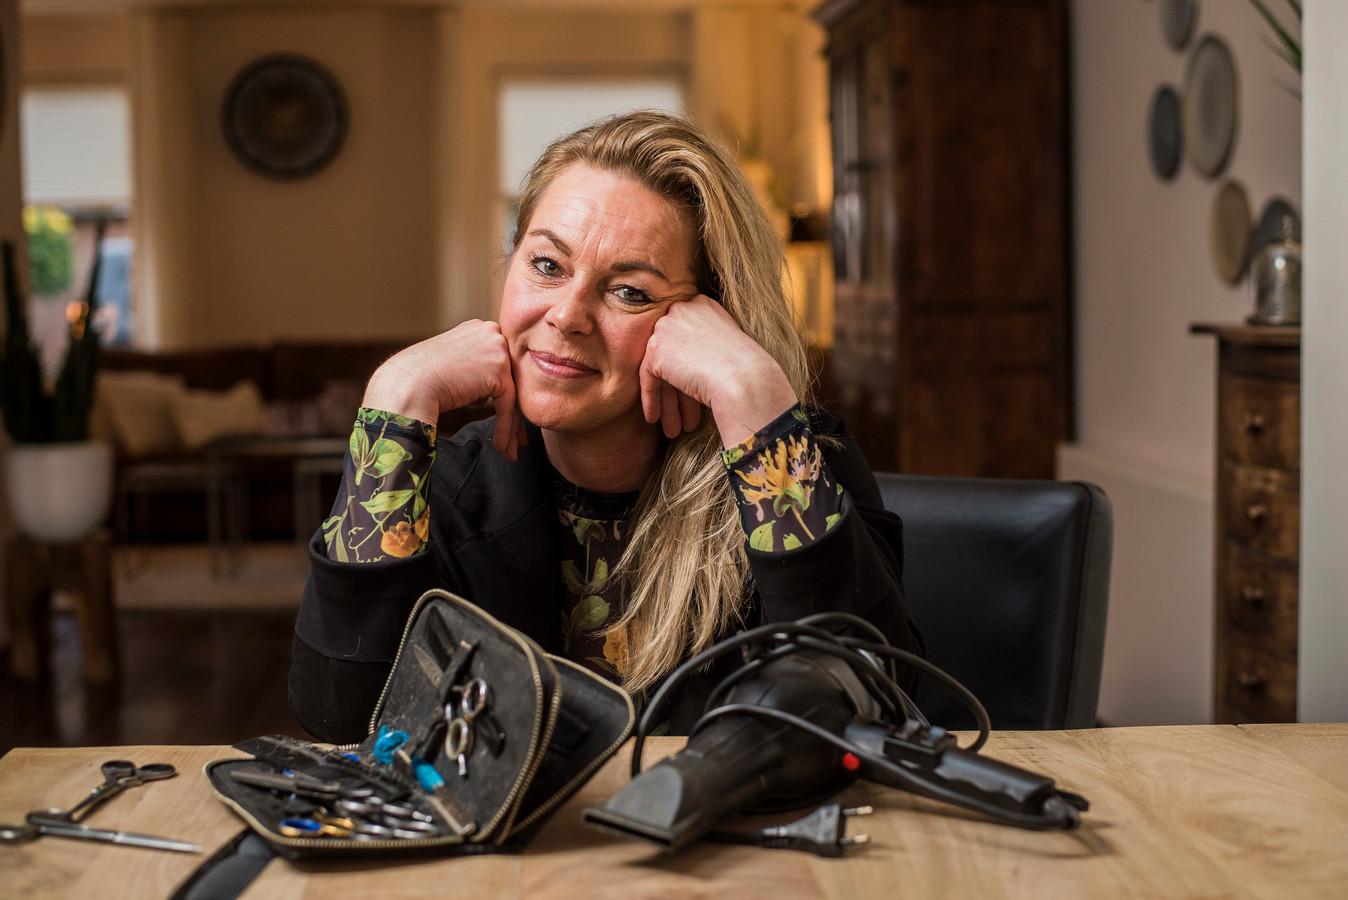 Pascalle Thüss is kapster aan huis, maar mag sinds de lockdown niet meer knippen. Ze krijgt ook geen tegemoedkoming.